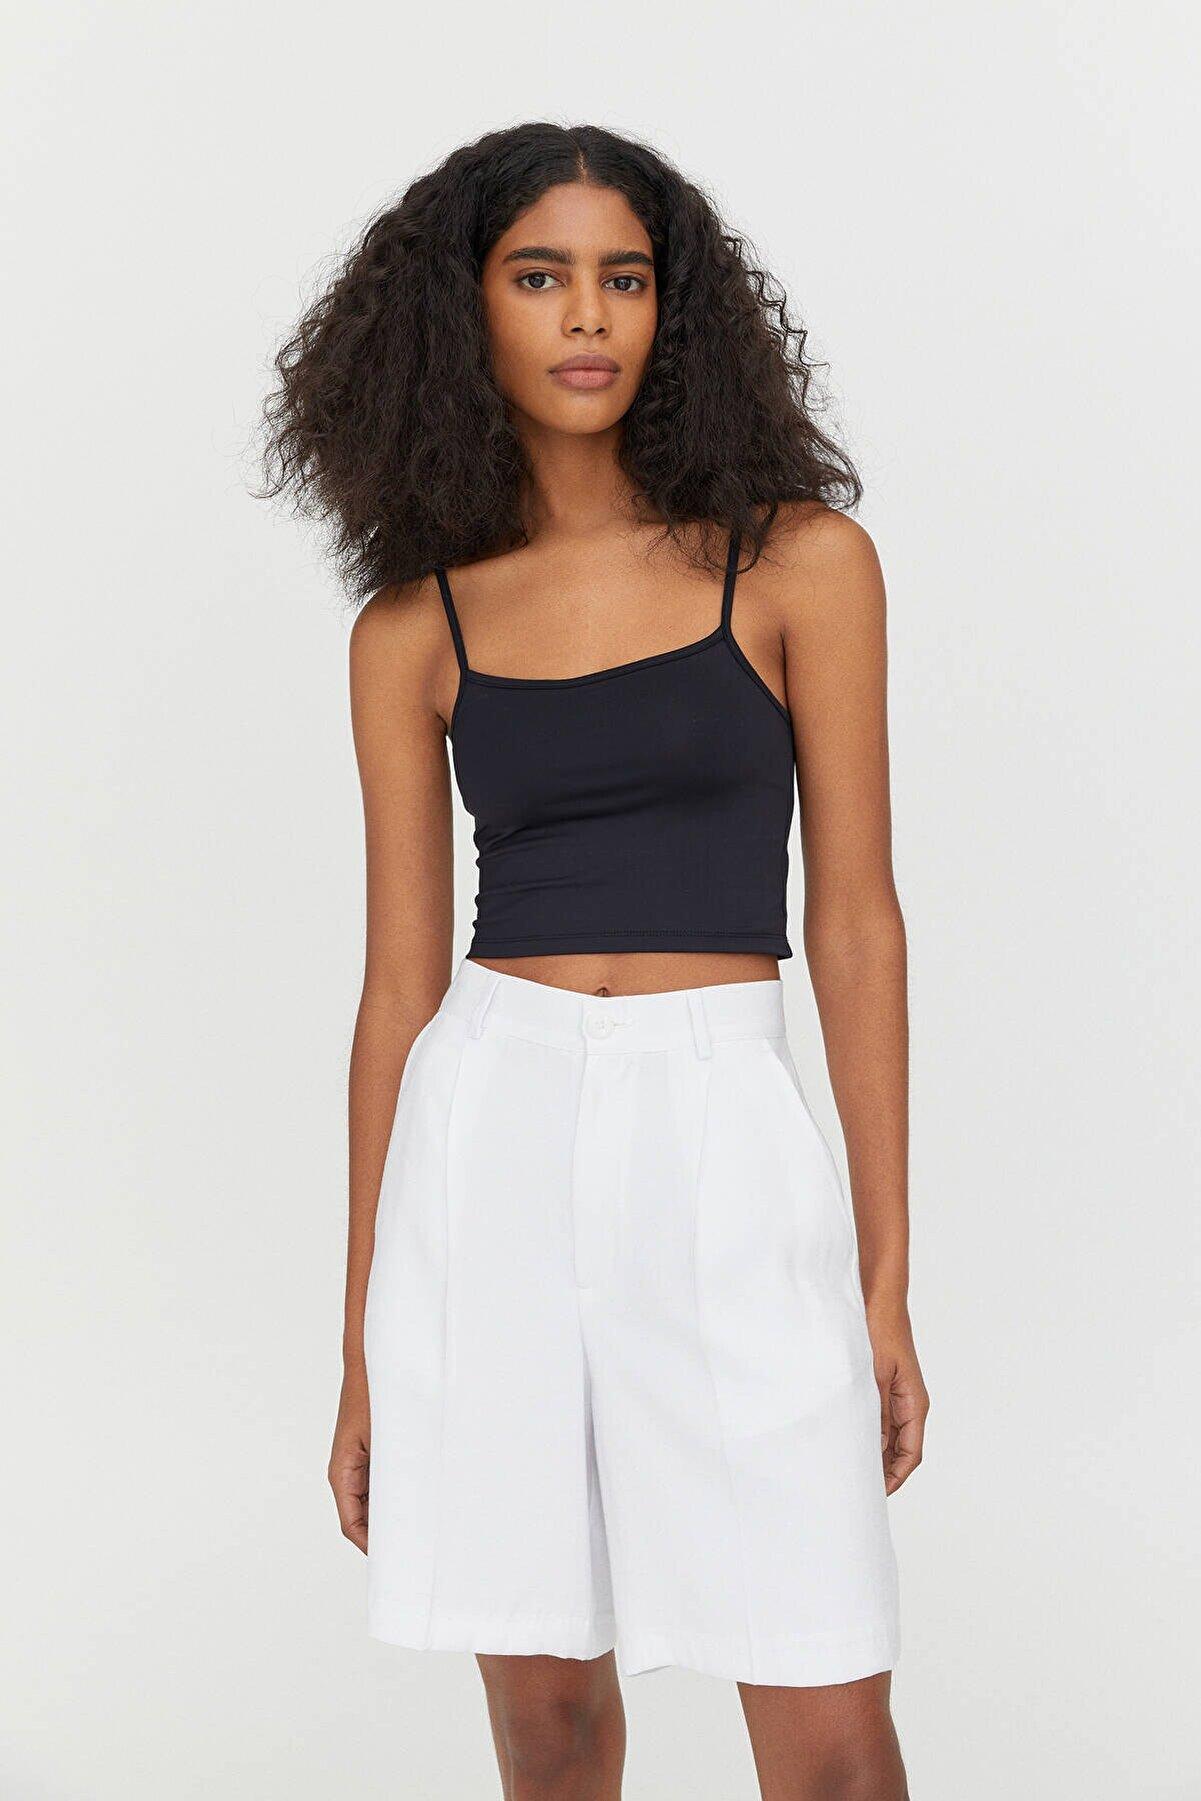 Pull & Bear Kadın Siyah Askılı Crop Top 04241352